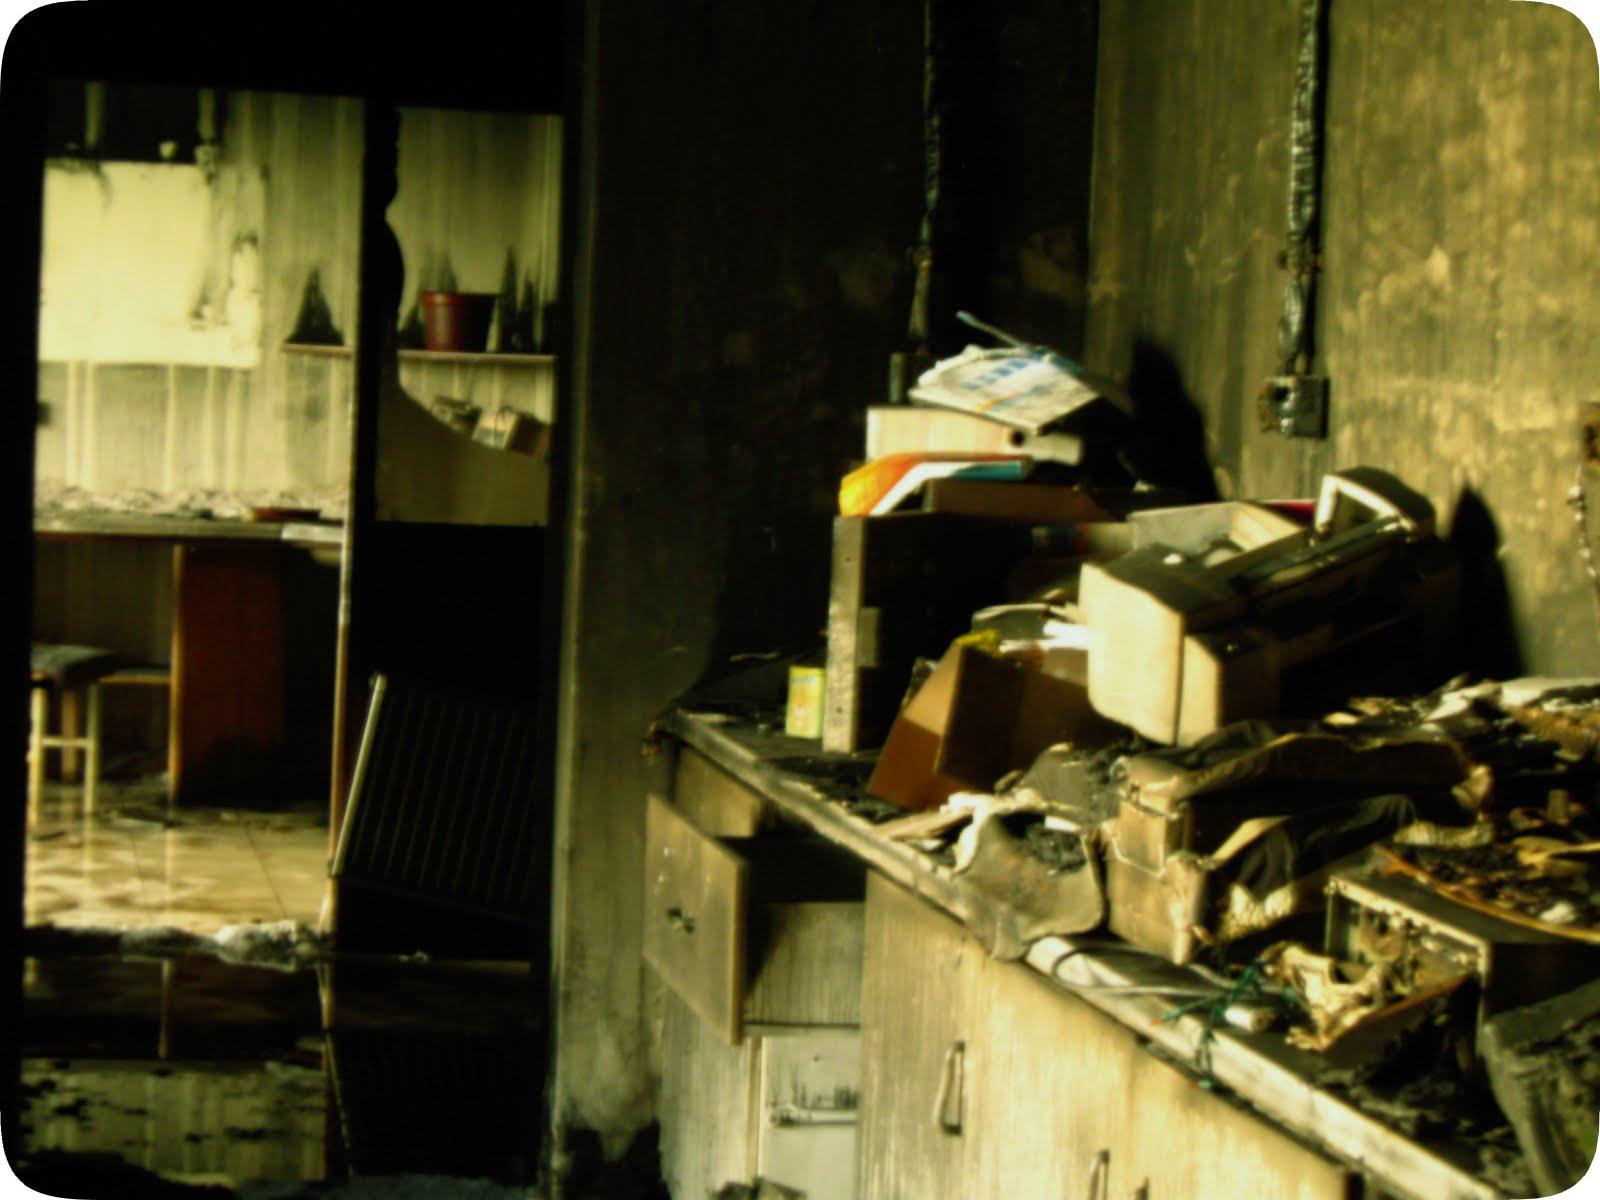 http://4.bp.blogspot.com/_5qPTV-jsbSQ/TED1uhAvoXI/AAAAAAAAATY/NTTA55o2Weo/s1600/Tarkovsky.jpg